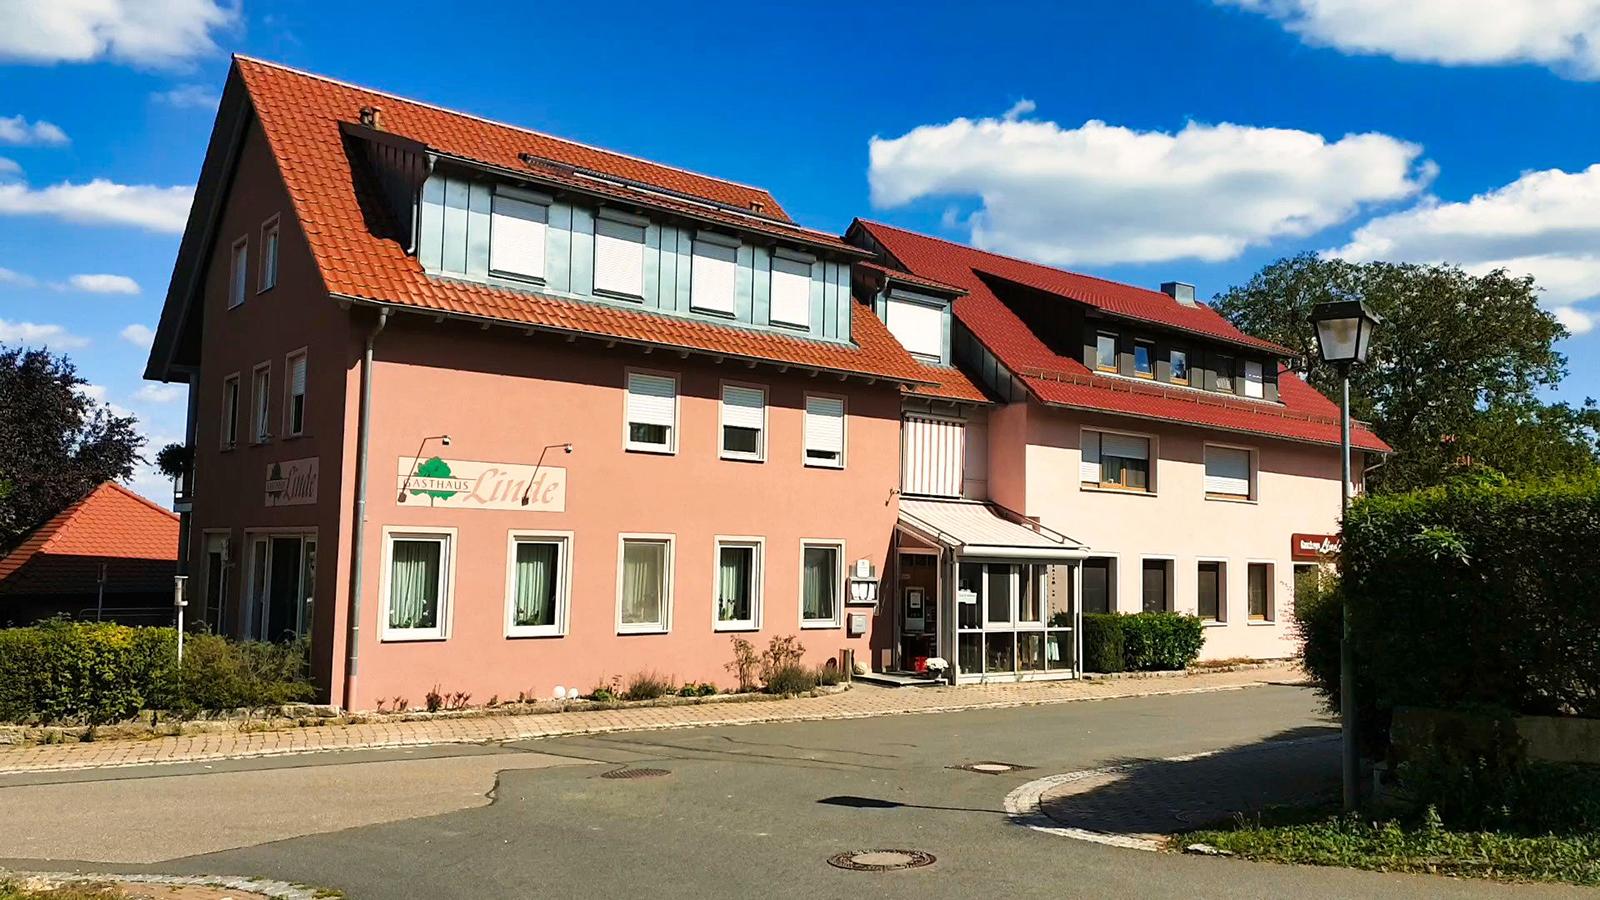 Bild 1 Gasthaus Linde